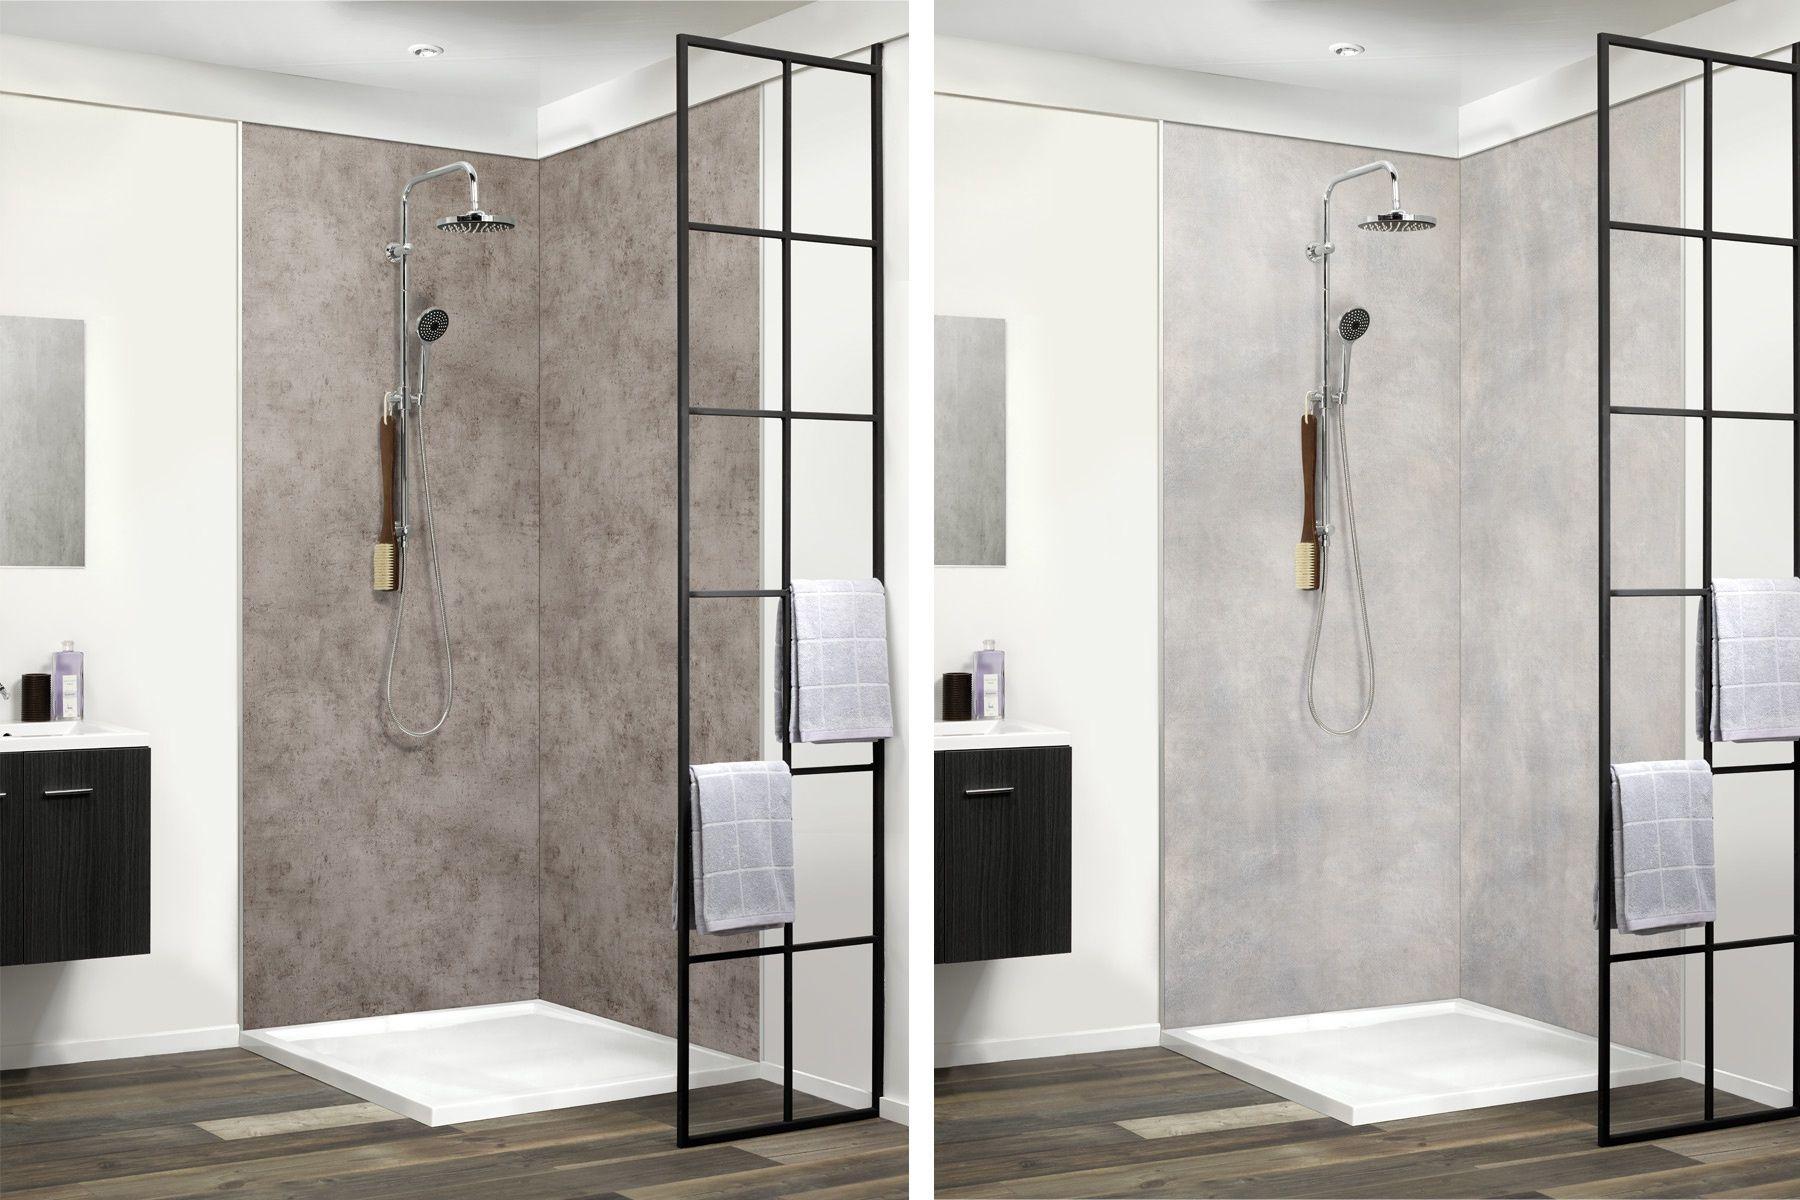 System Wanne Zur Dusche Badewanne Raus Dusche Rein Badezimmerwand Ideen Badewanne Grosse Bader